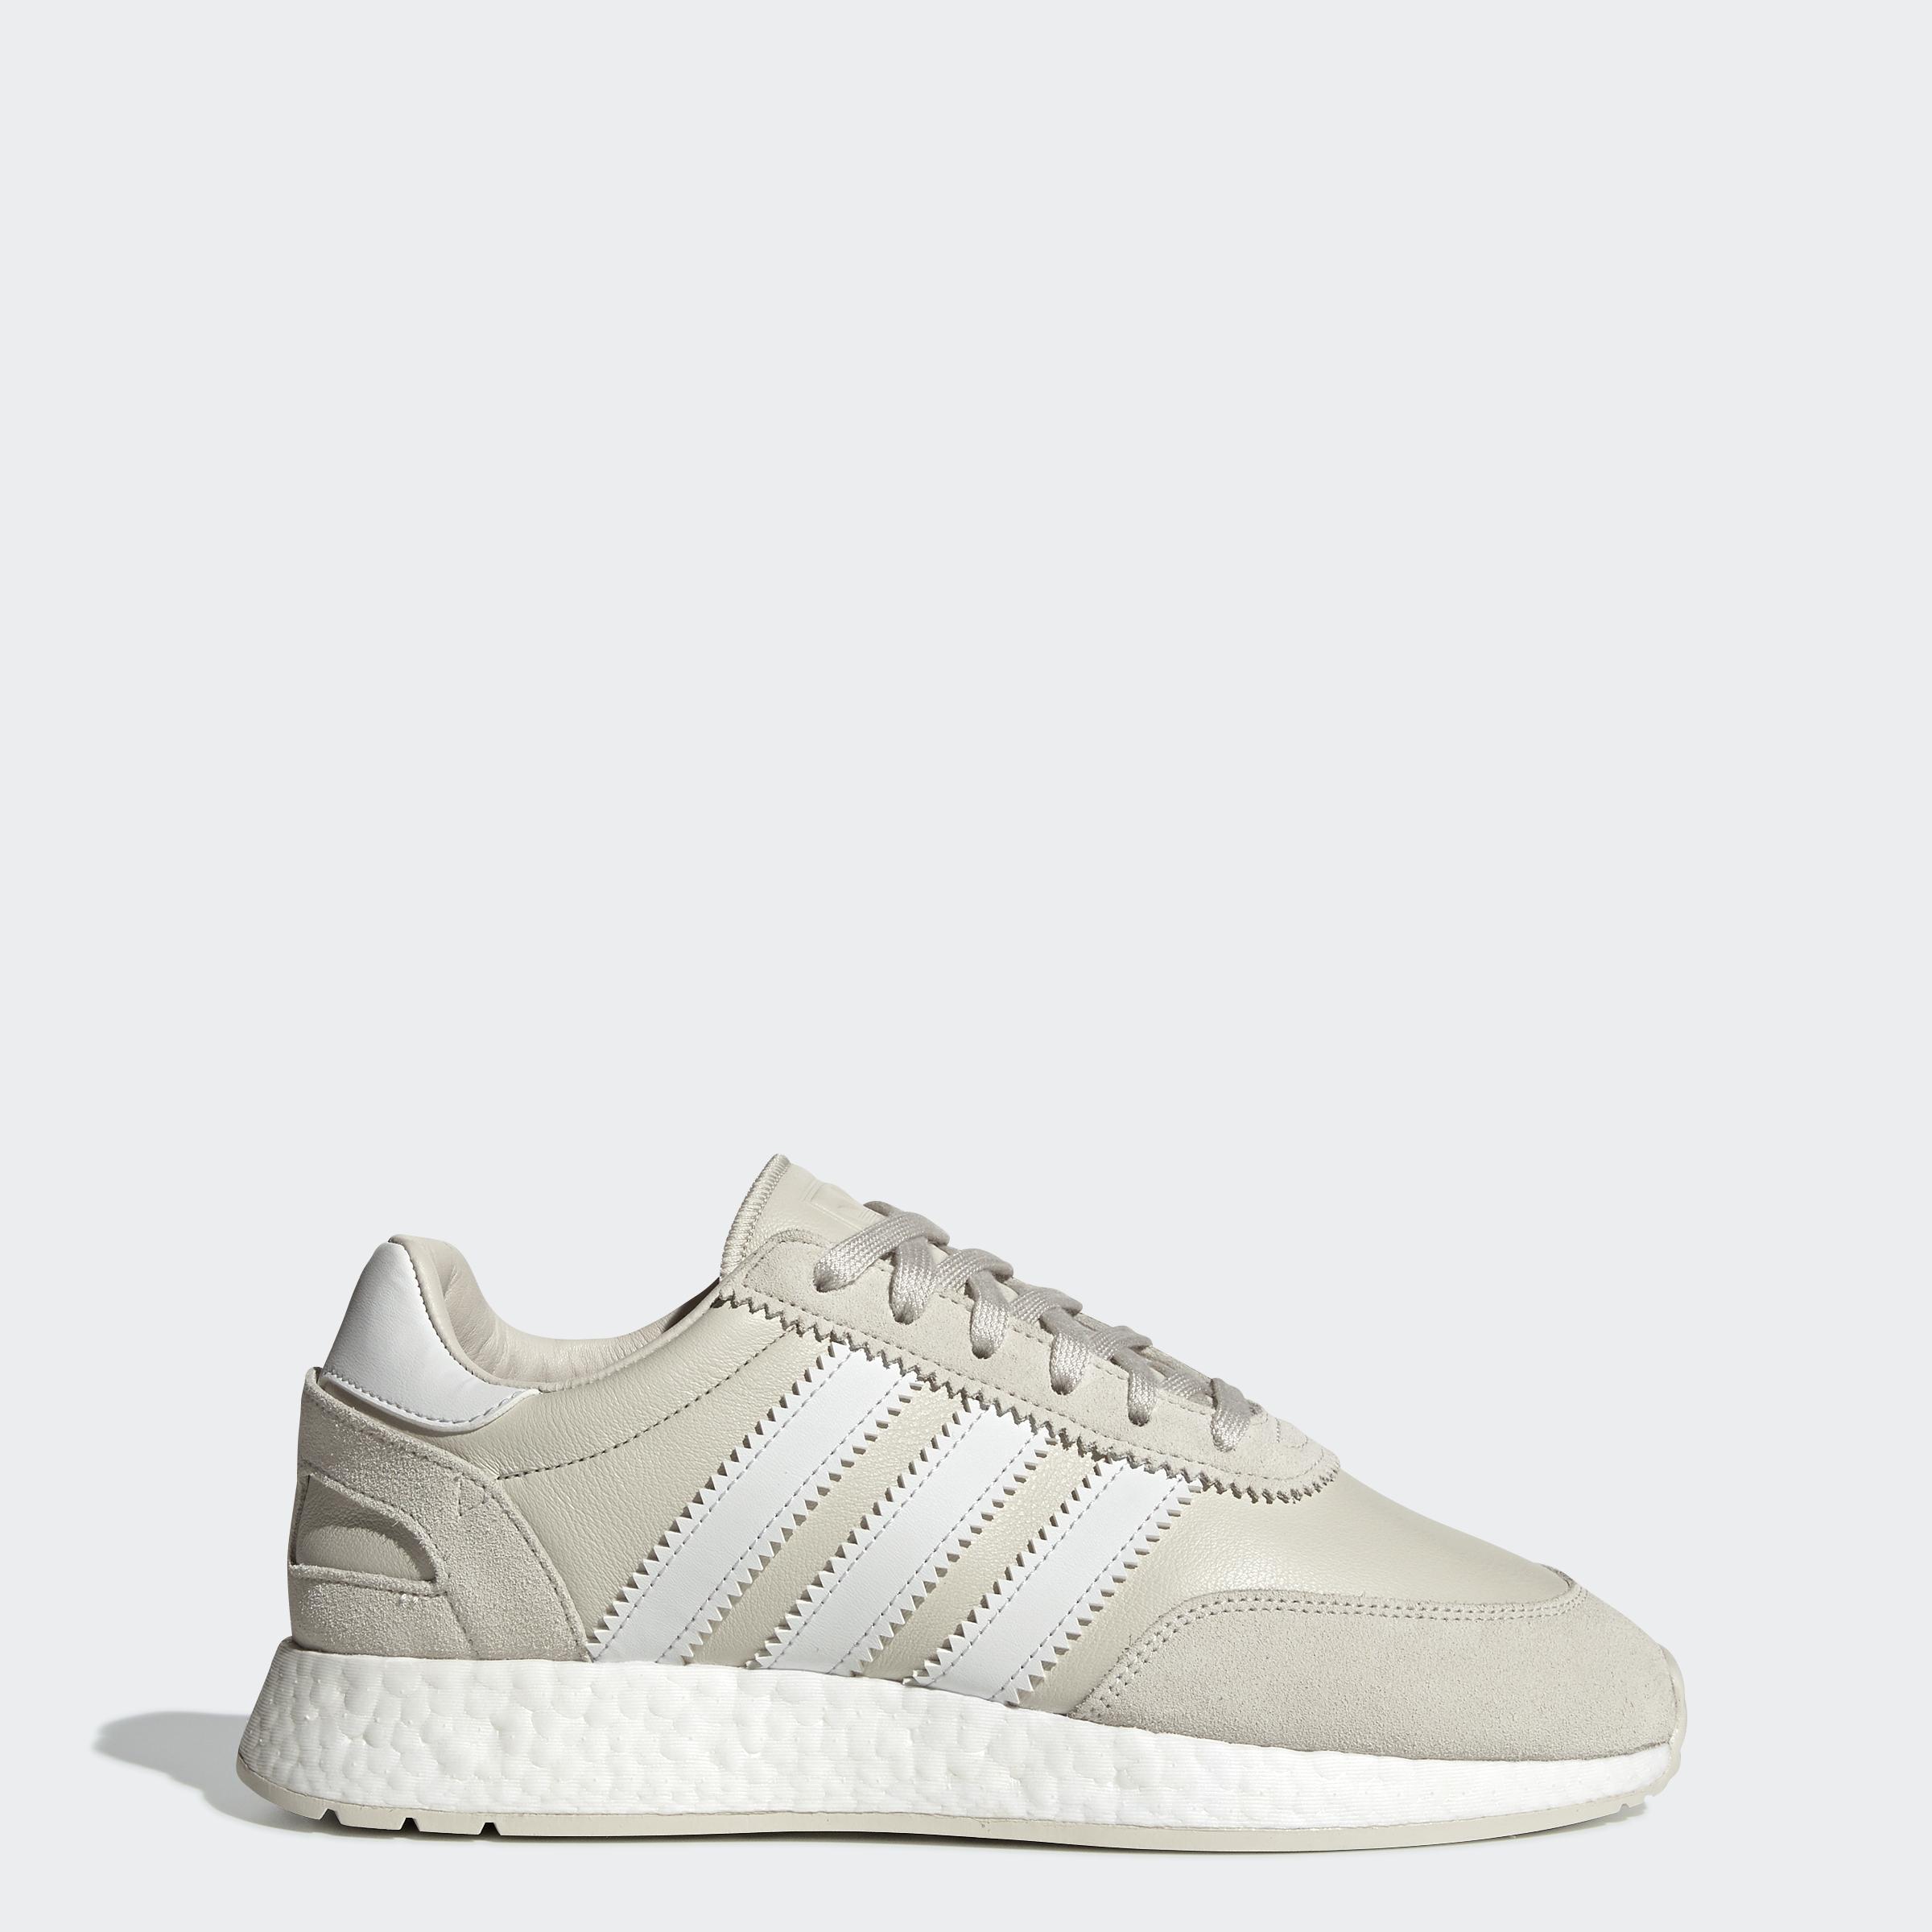 adidas Originals I-5923 Shoes Men's